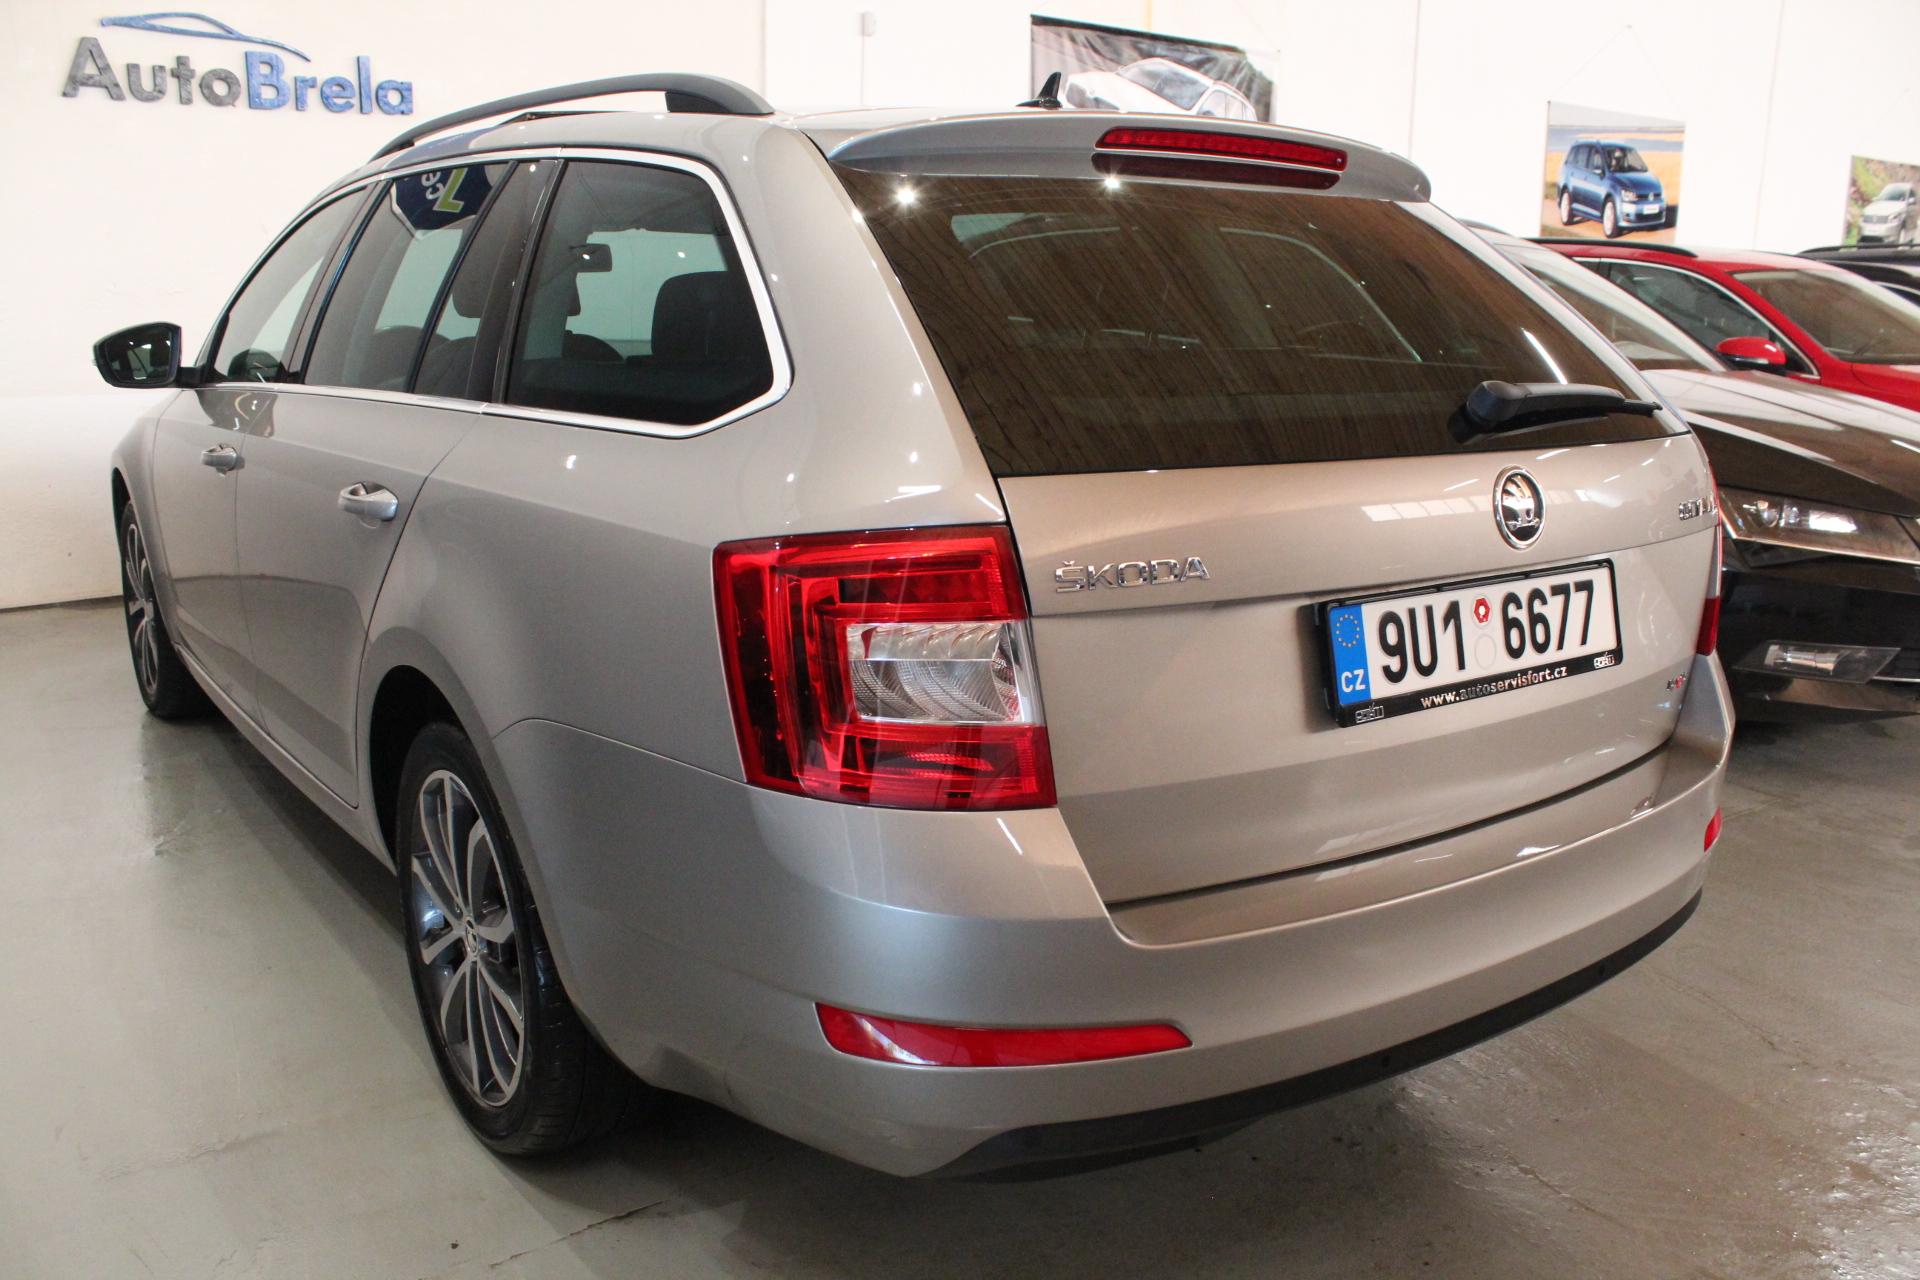 Škoda Octavia III 2.0 TDI 4×4 Style - AutoBrela obrázek